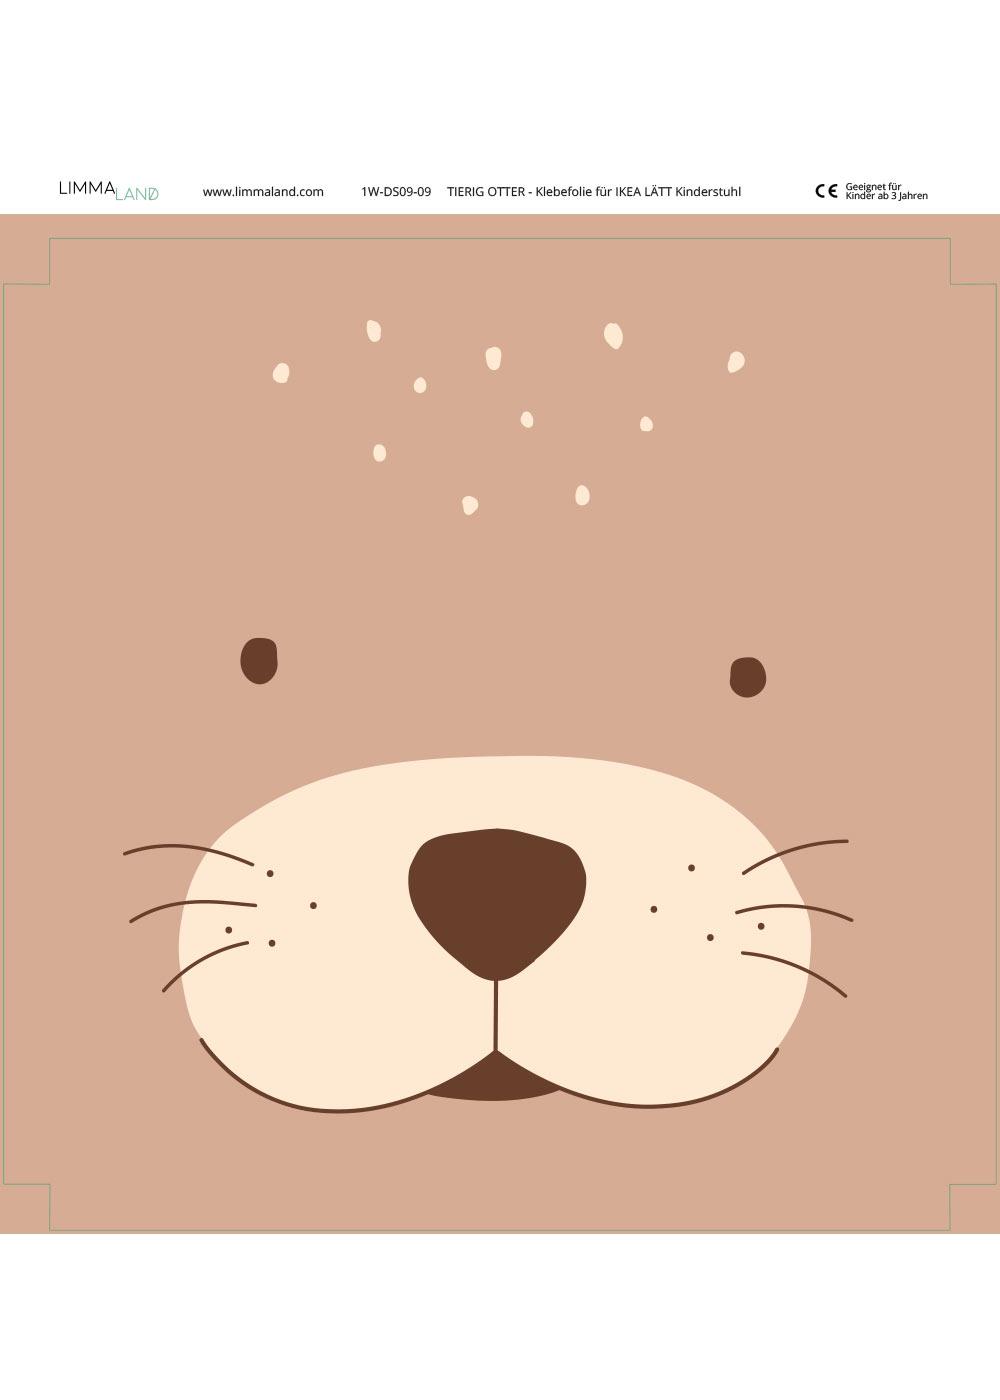 klebefolie ikea laett kinderstuhl tierig otter 4